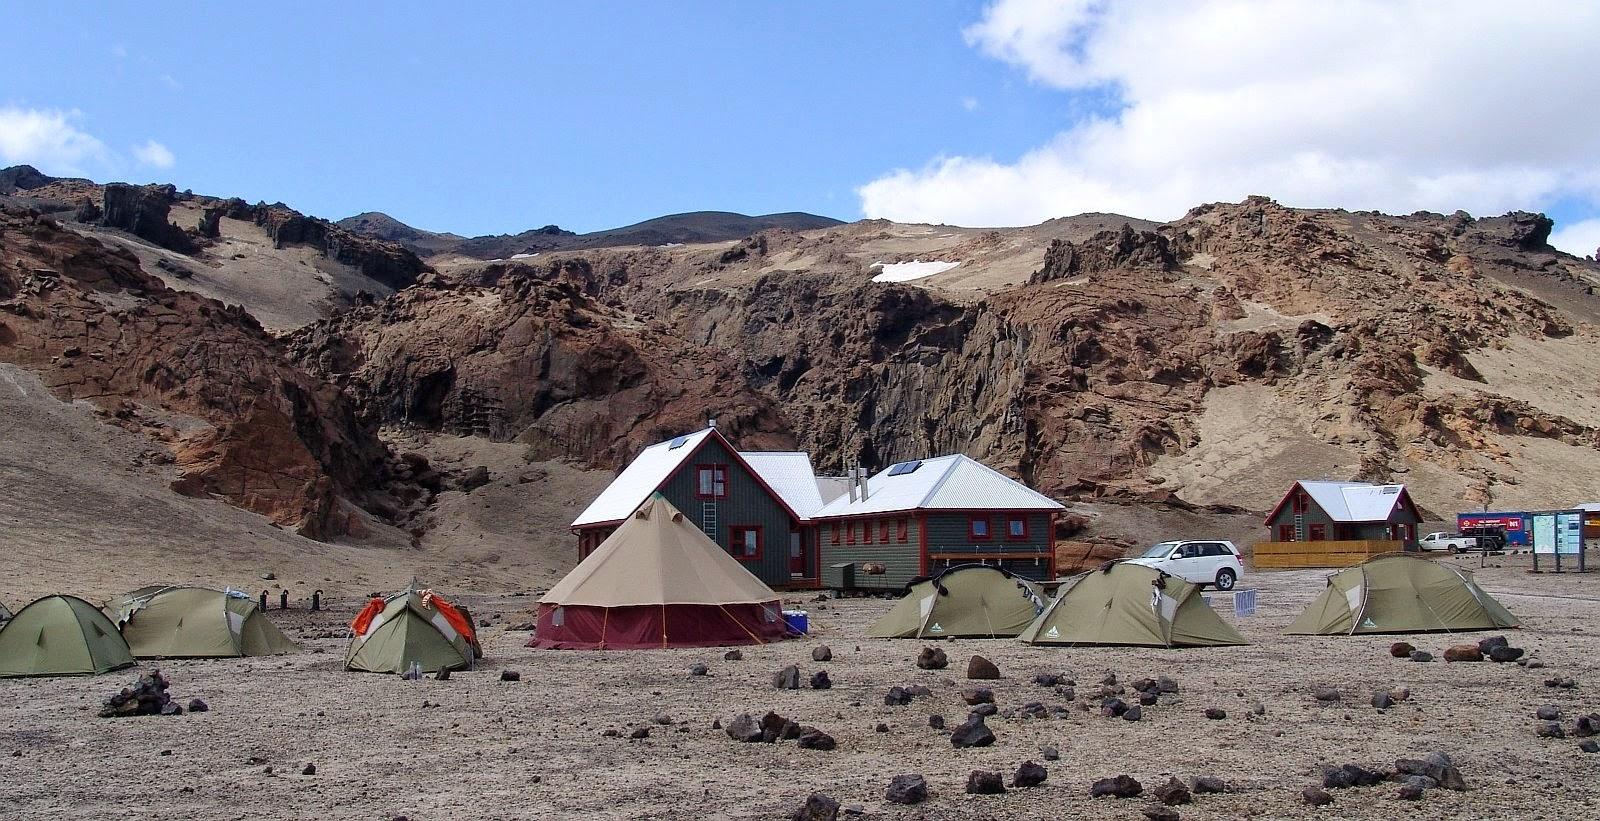 Camping en Islandia - Acampar en Islandia